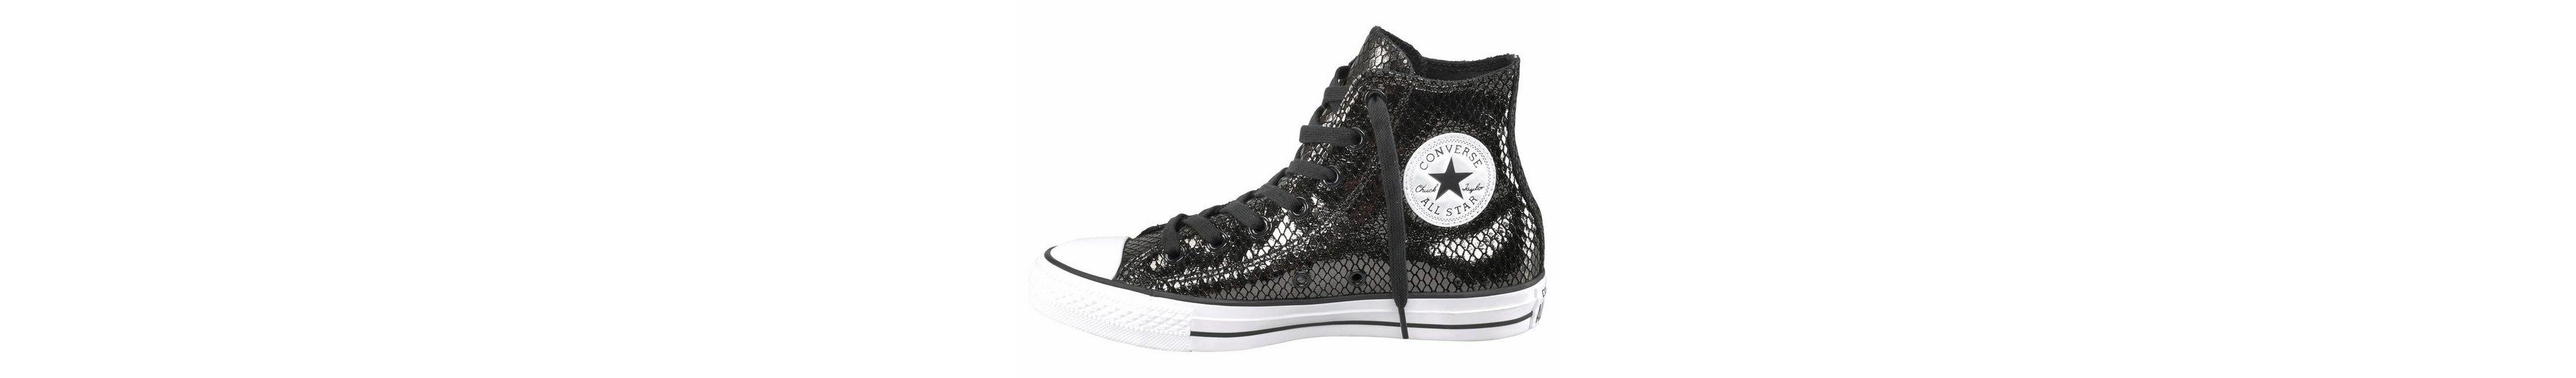 Converse Chuck Taylor All Star Metallic Snake Sneaker Rabatt Offiziell Spielraum 2018 Neu 5h774MOTX